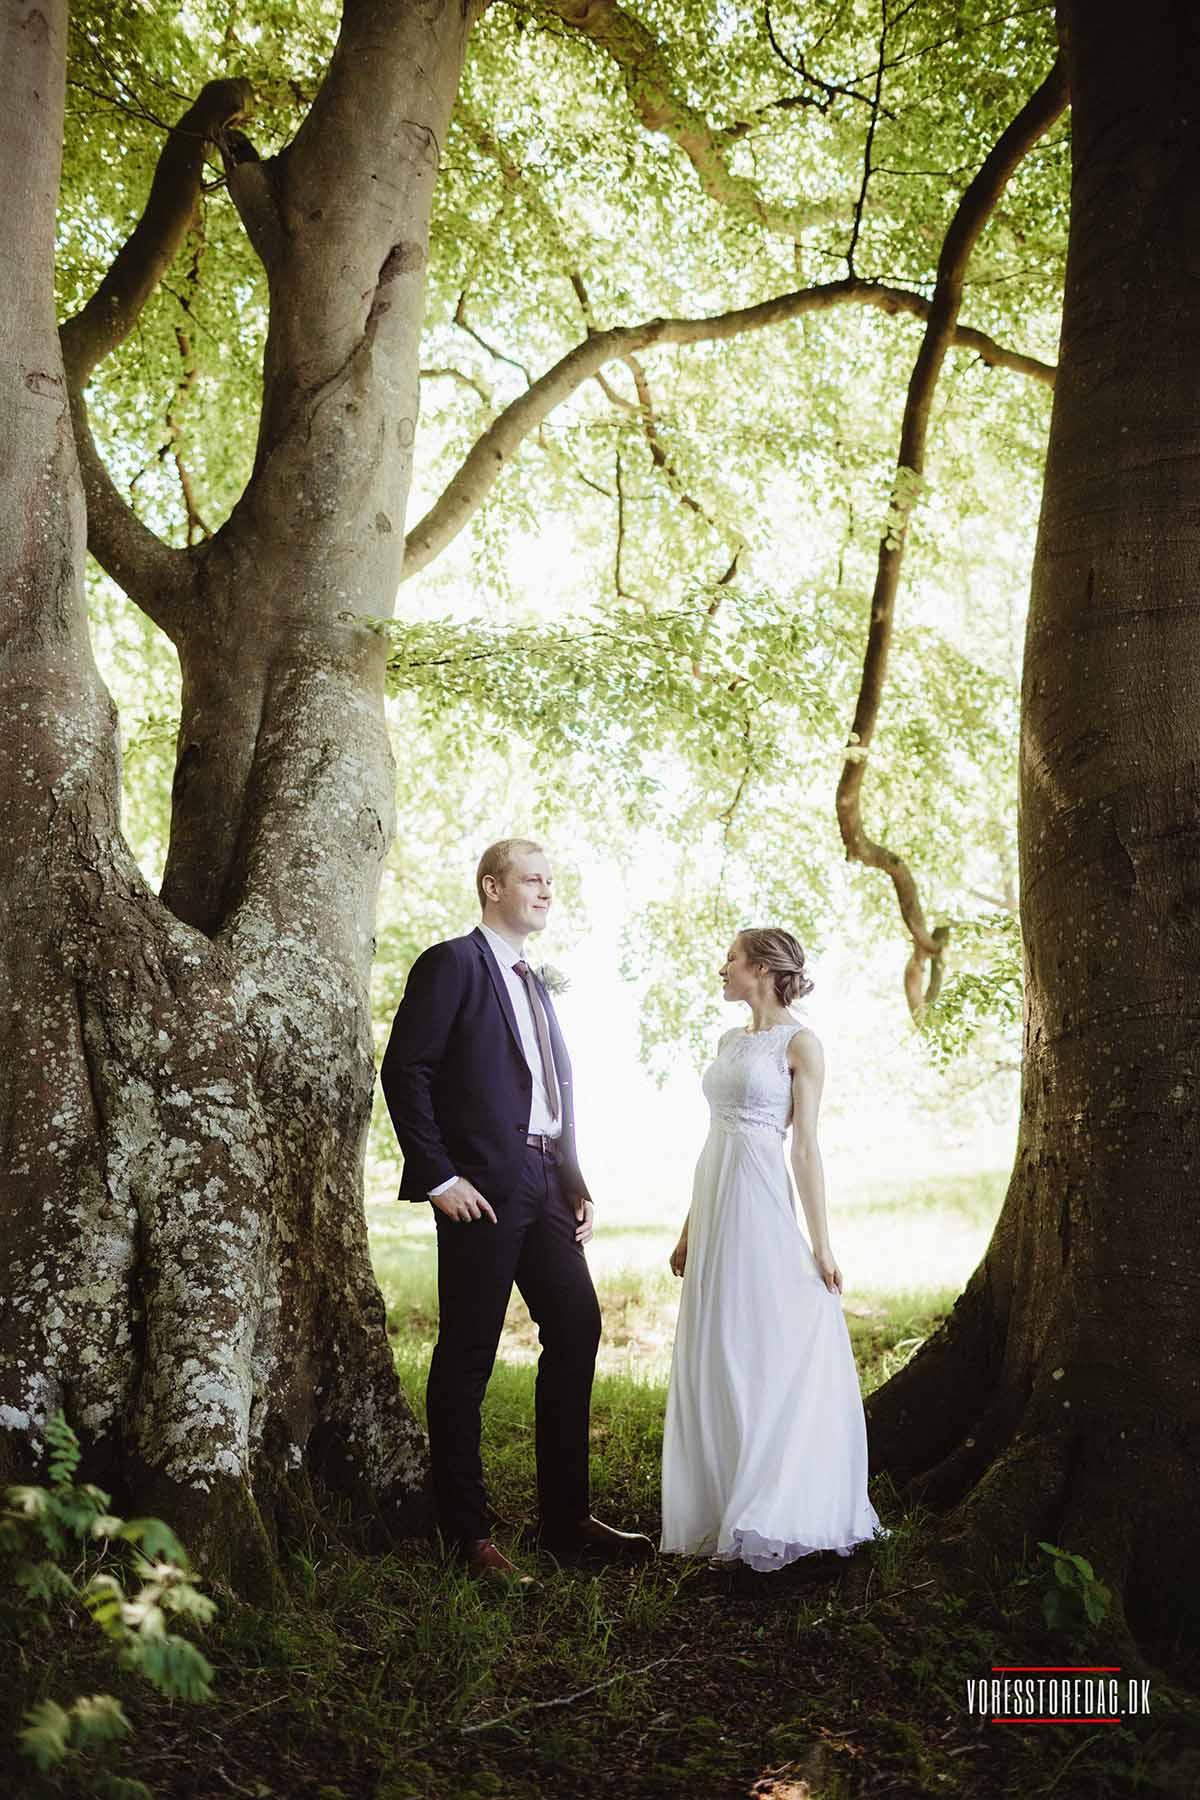 Bryllup med overnatning Østjylland